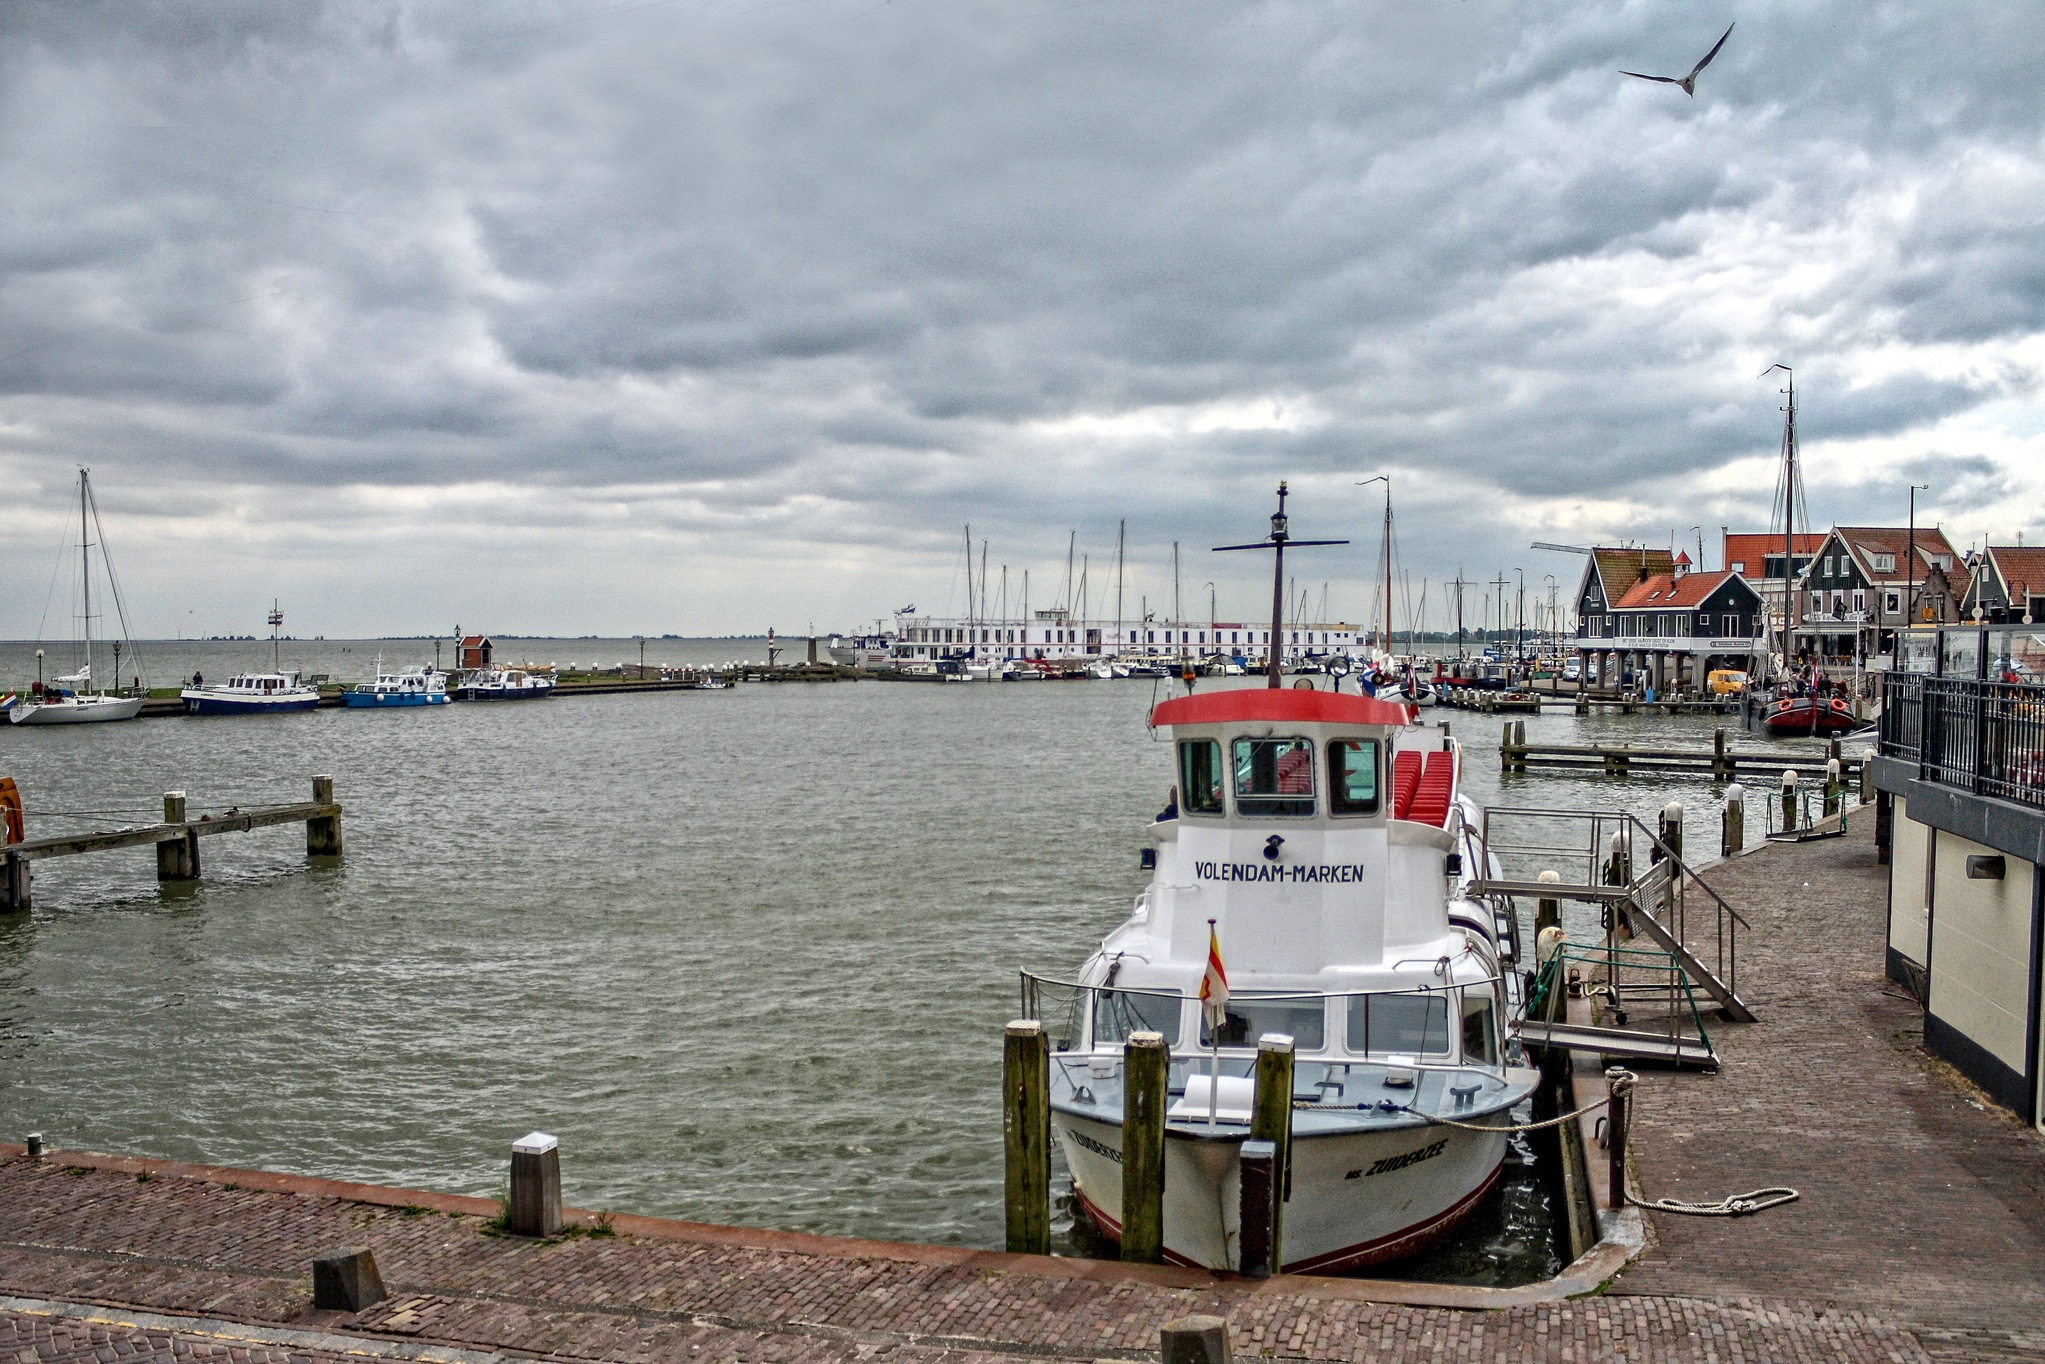 Volendam. For Hans Lunemborg. by Stamatis Vlahos